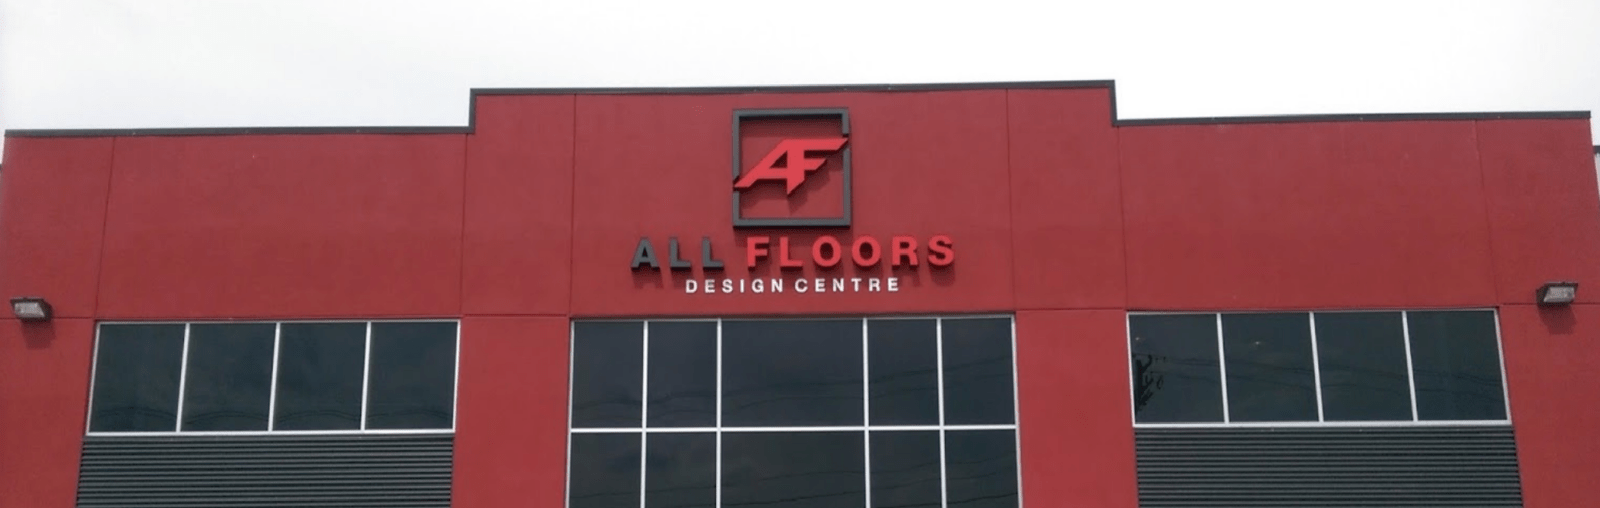 Allfloors-Design-Center-Showroom-Building (1)